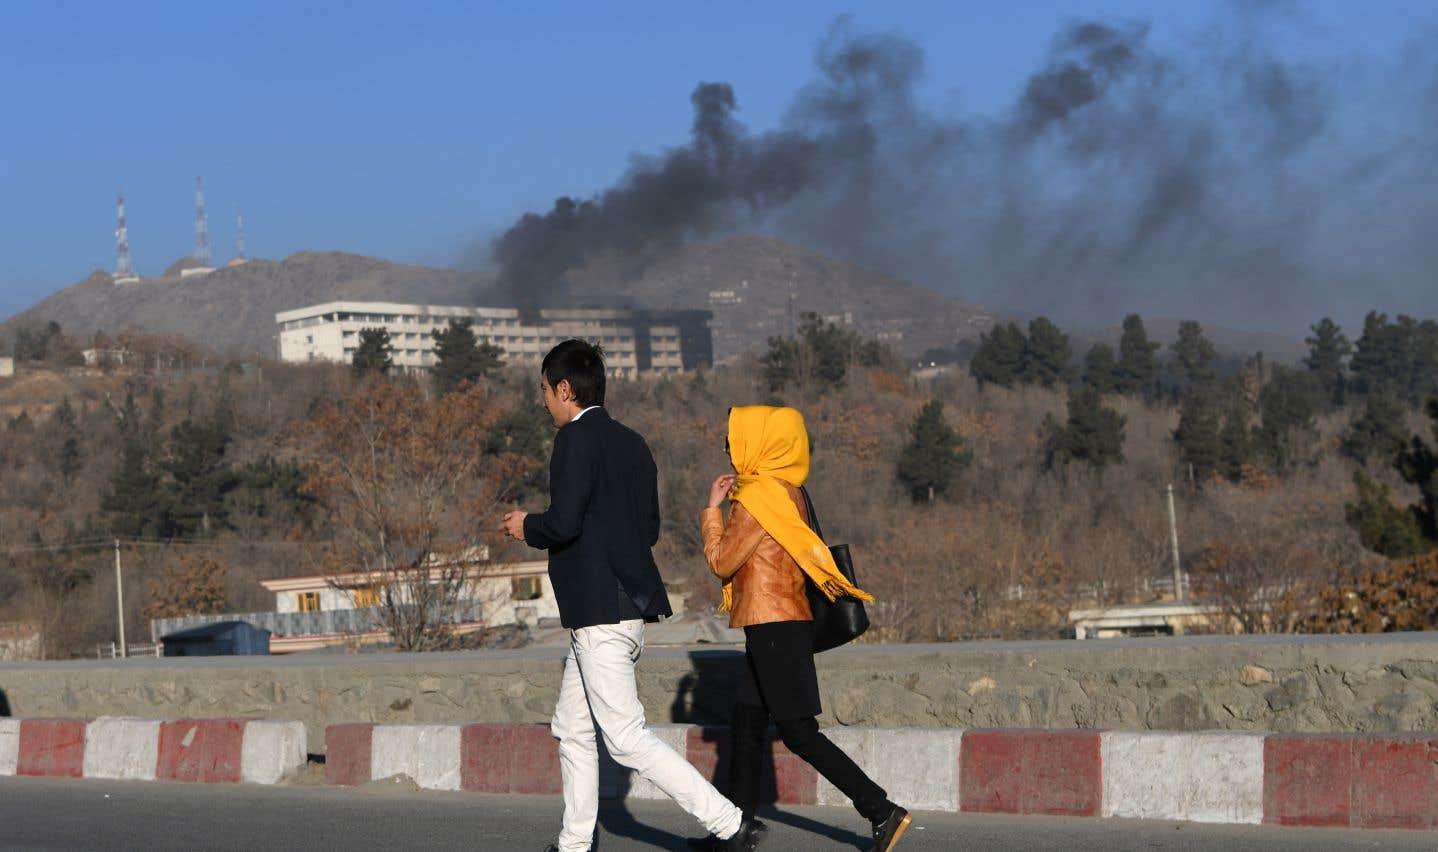 L'attentat revendiqué par les talibans a fait au moins 18 morts à Kaboul